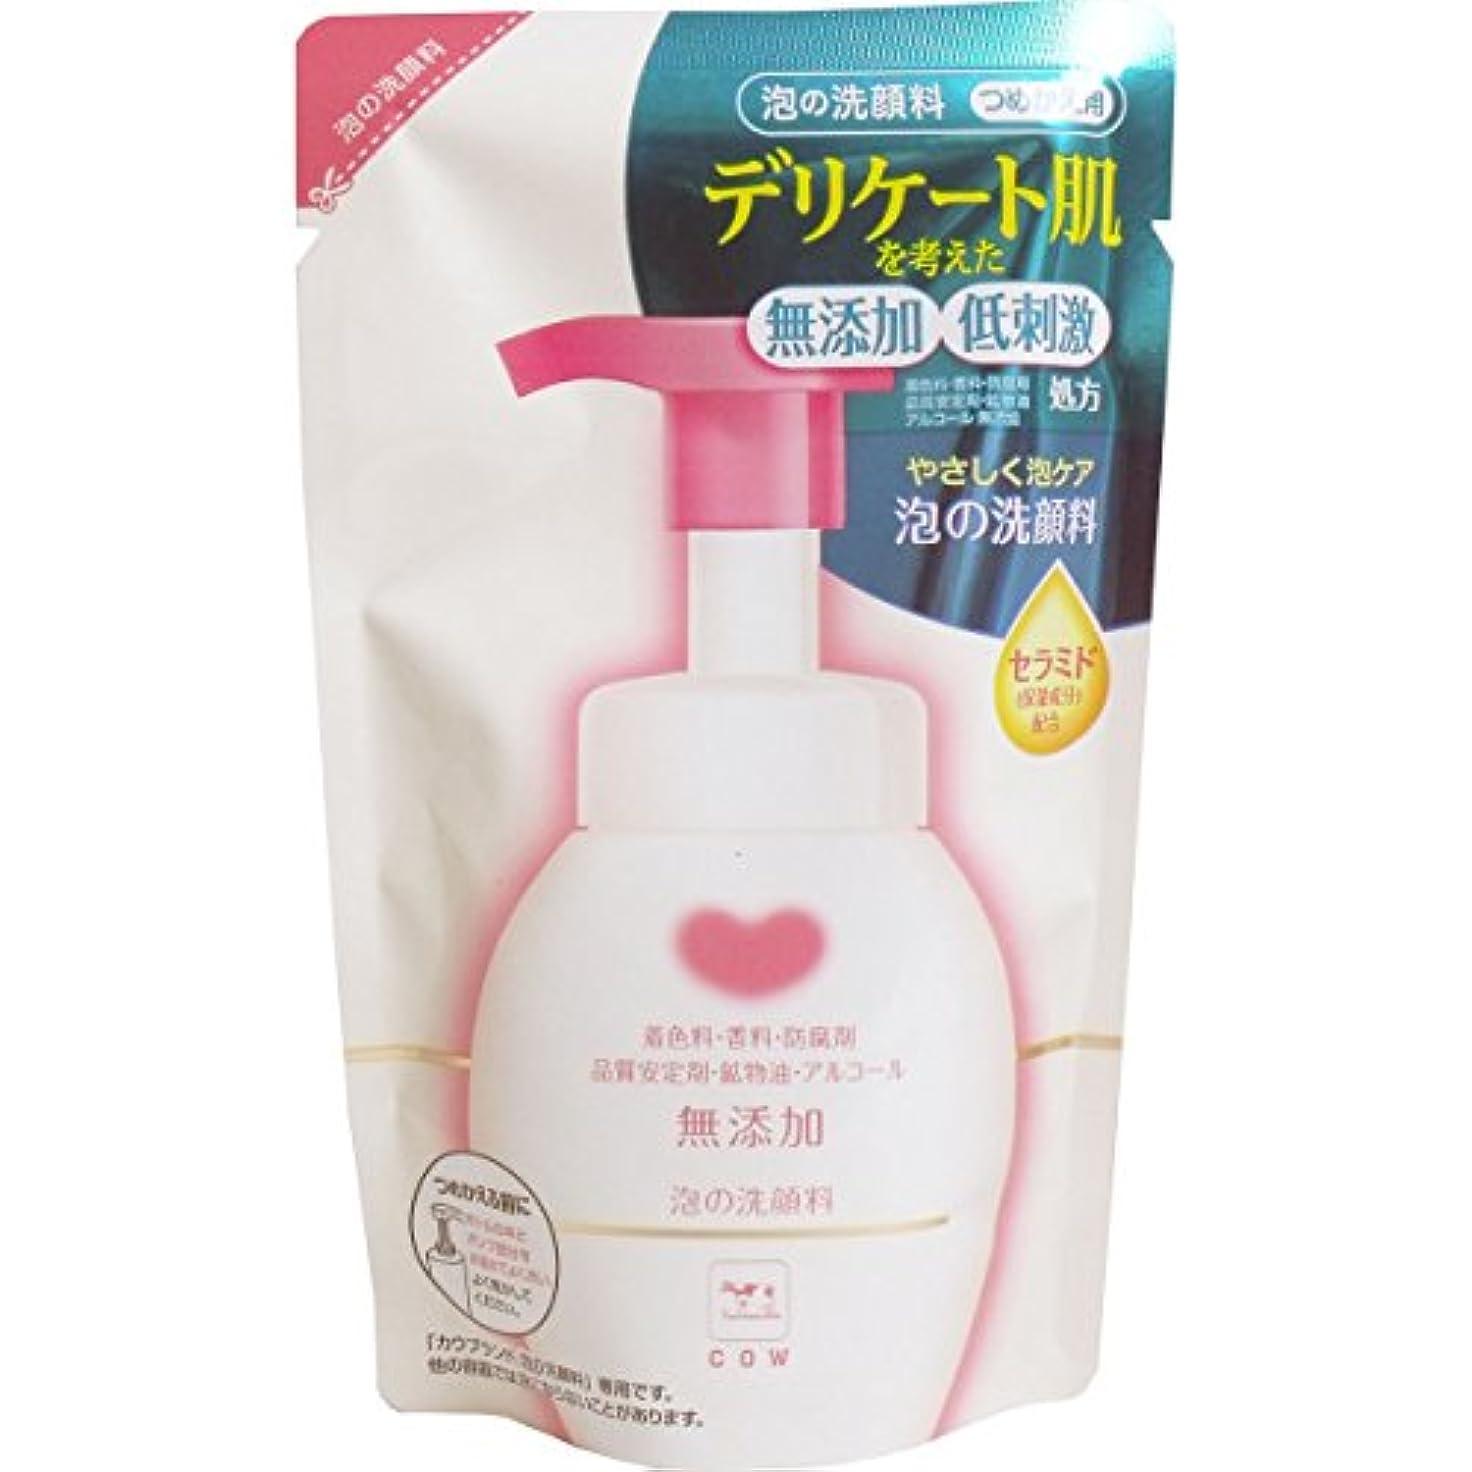 柔和蒸発する水曜日【まとめ買い】カウブランド 無添加泡の洗顔料 詰替用 180ML ×2セット